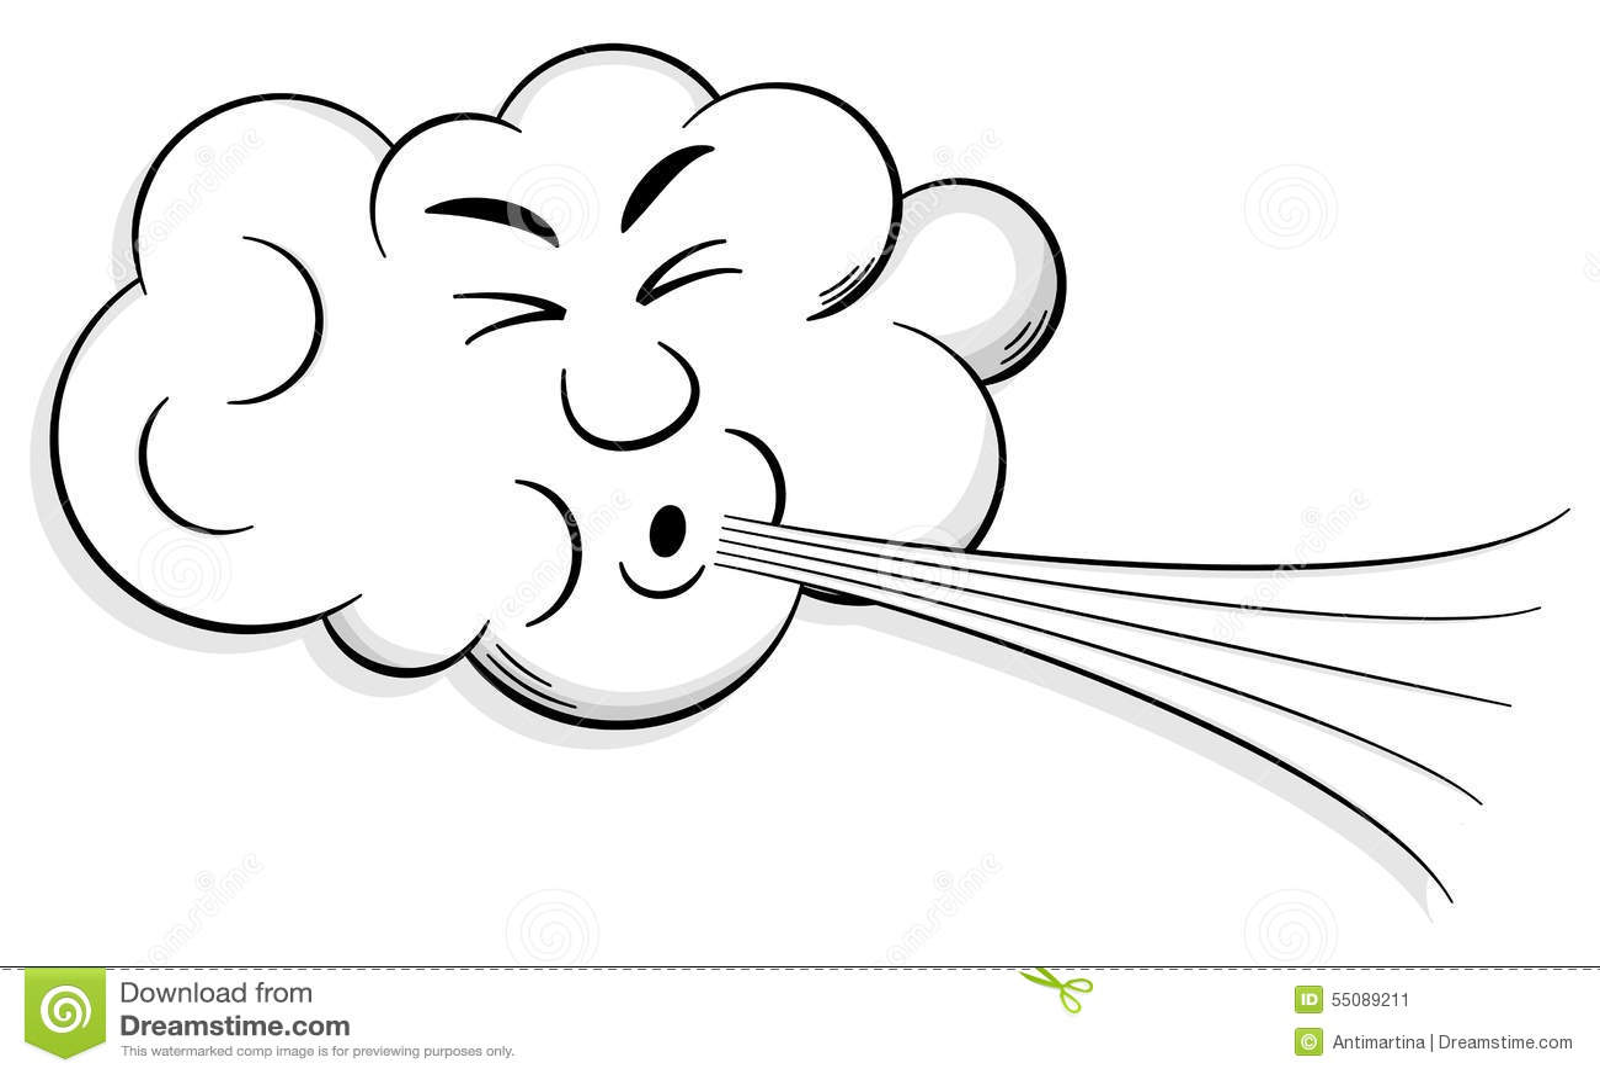 Le nuage de bande dessin e souffle le vent illustration de - Nuage qui souffle ...